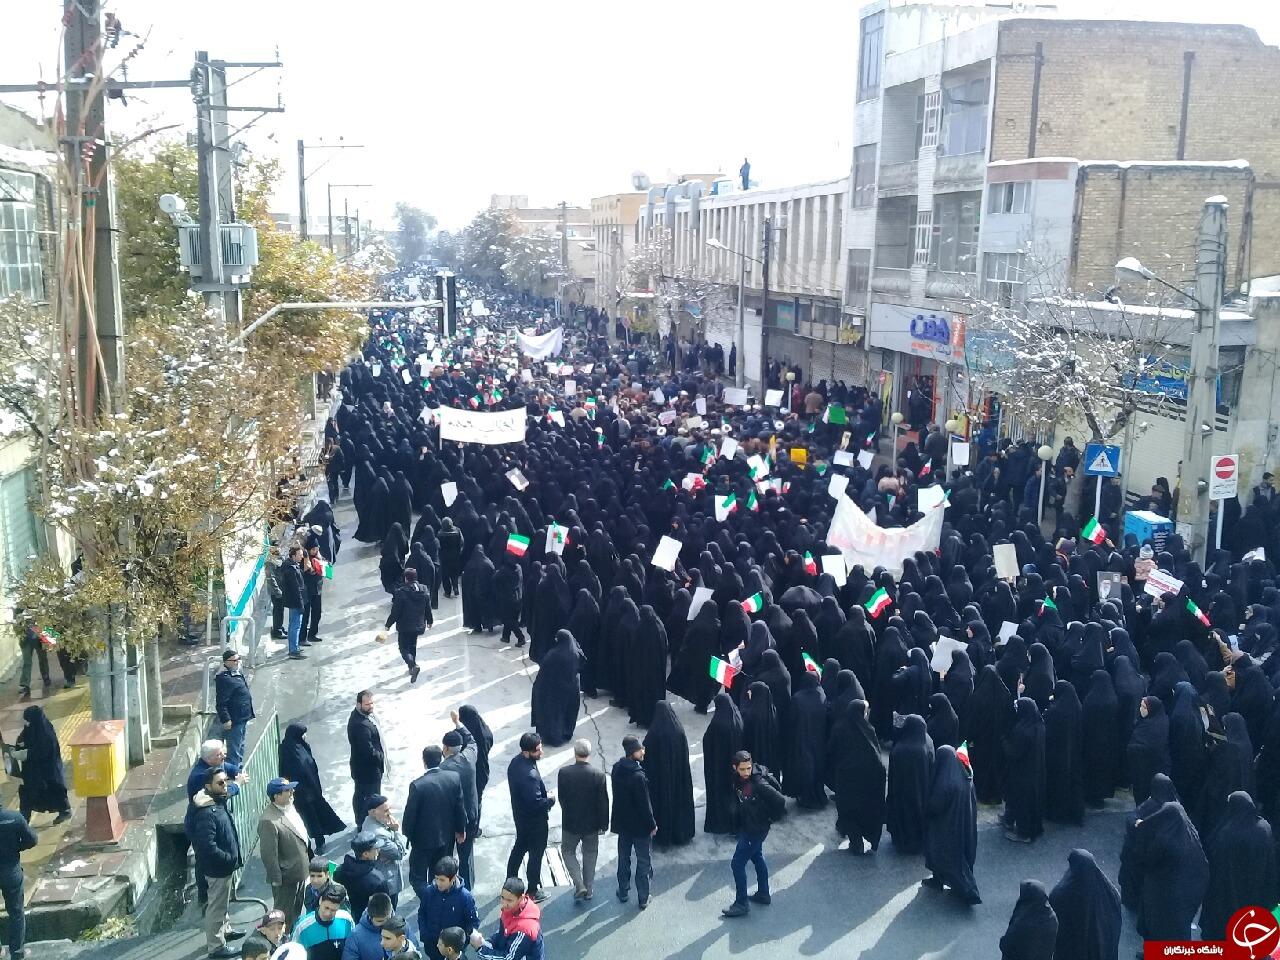 خروش انقلابی مردم استان مرکزی علیه آشوبگران